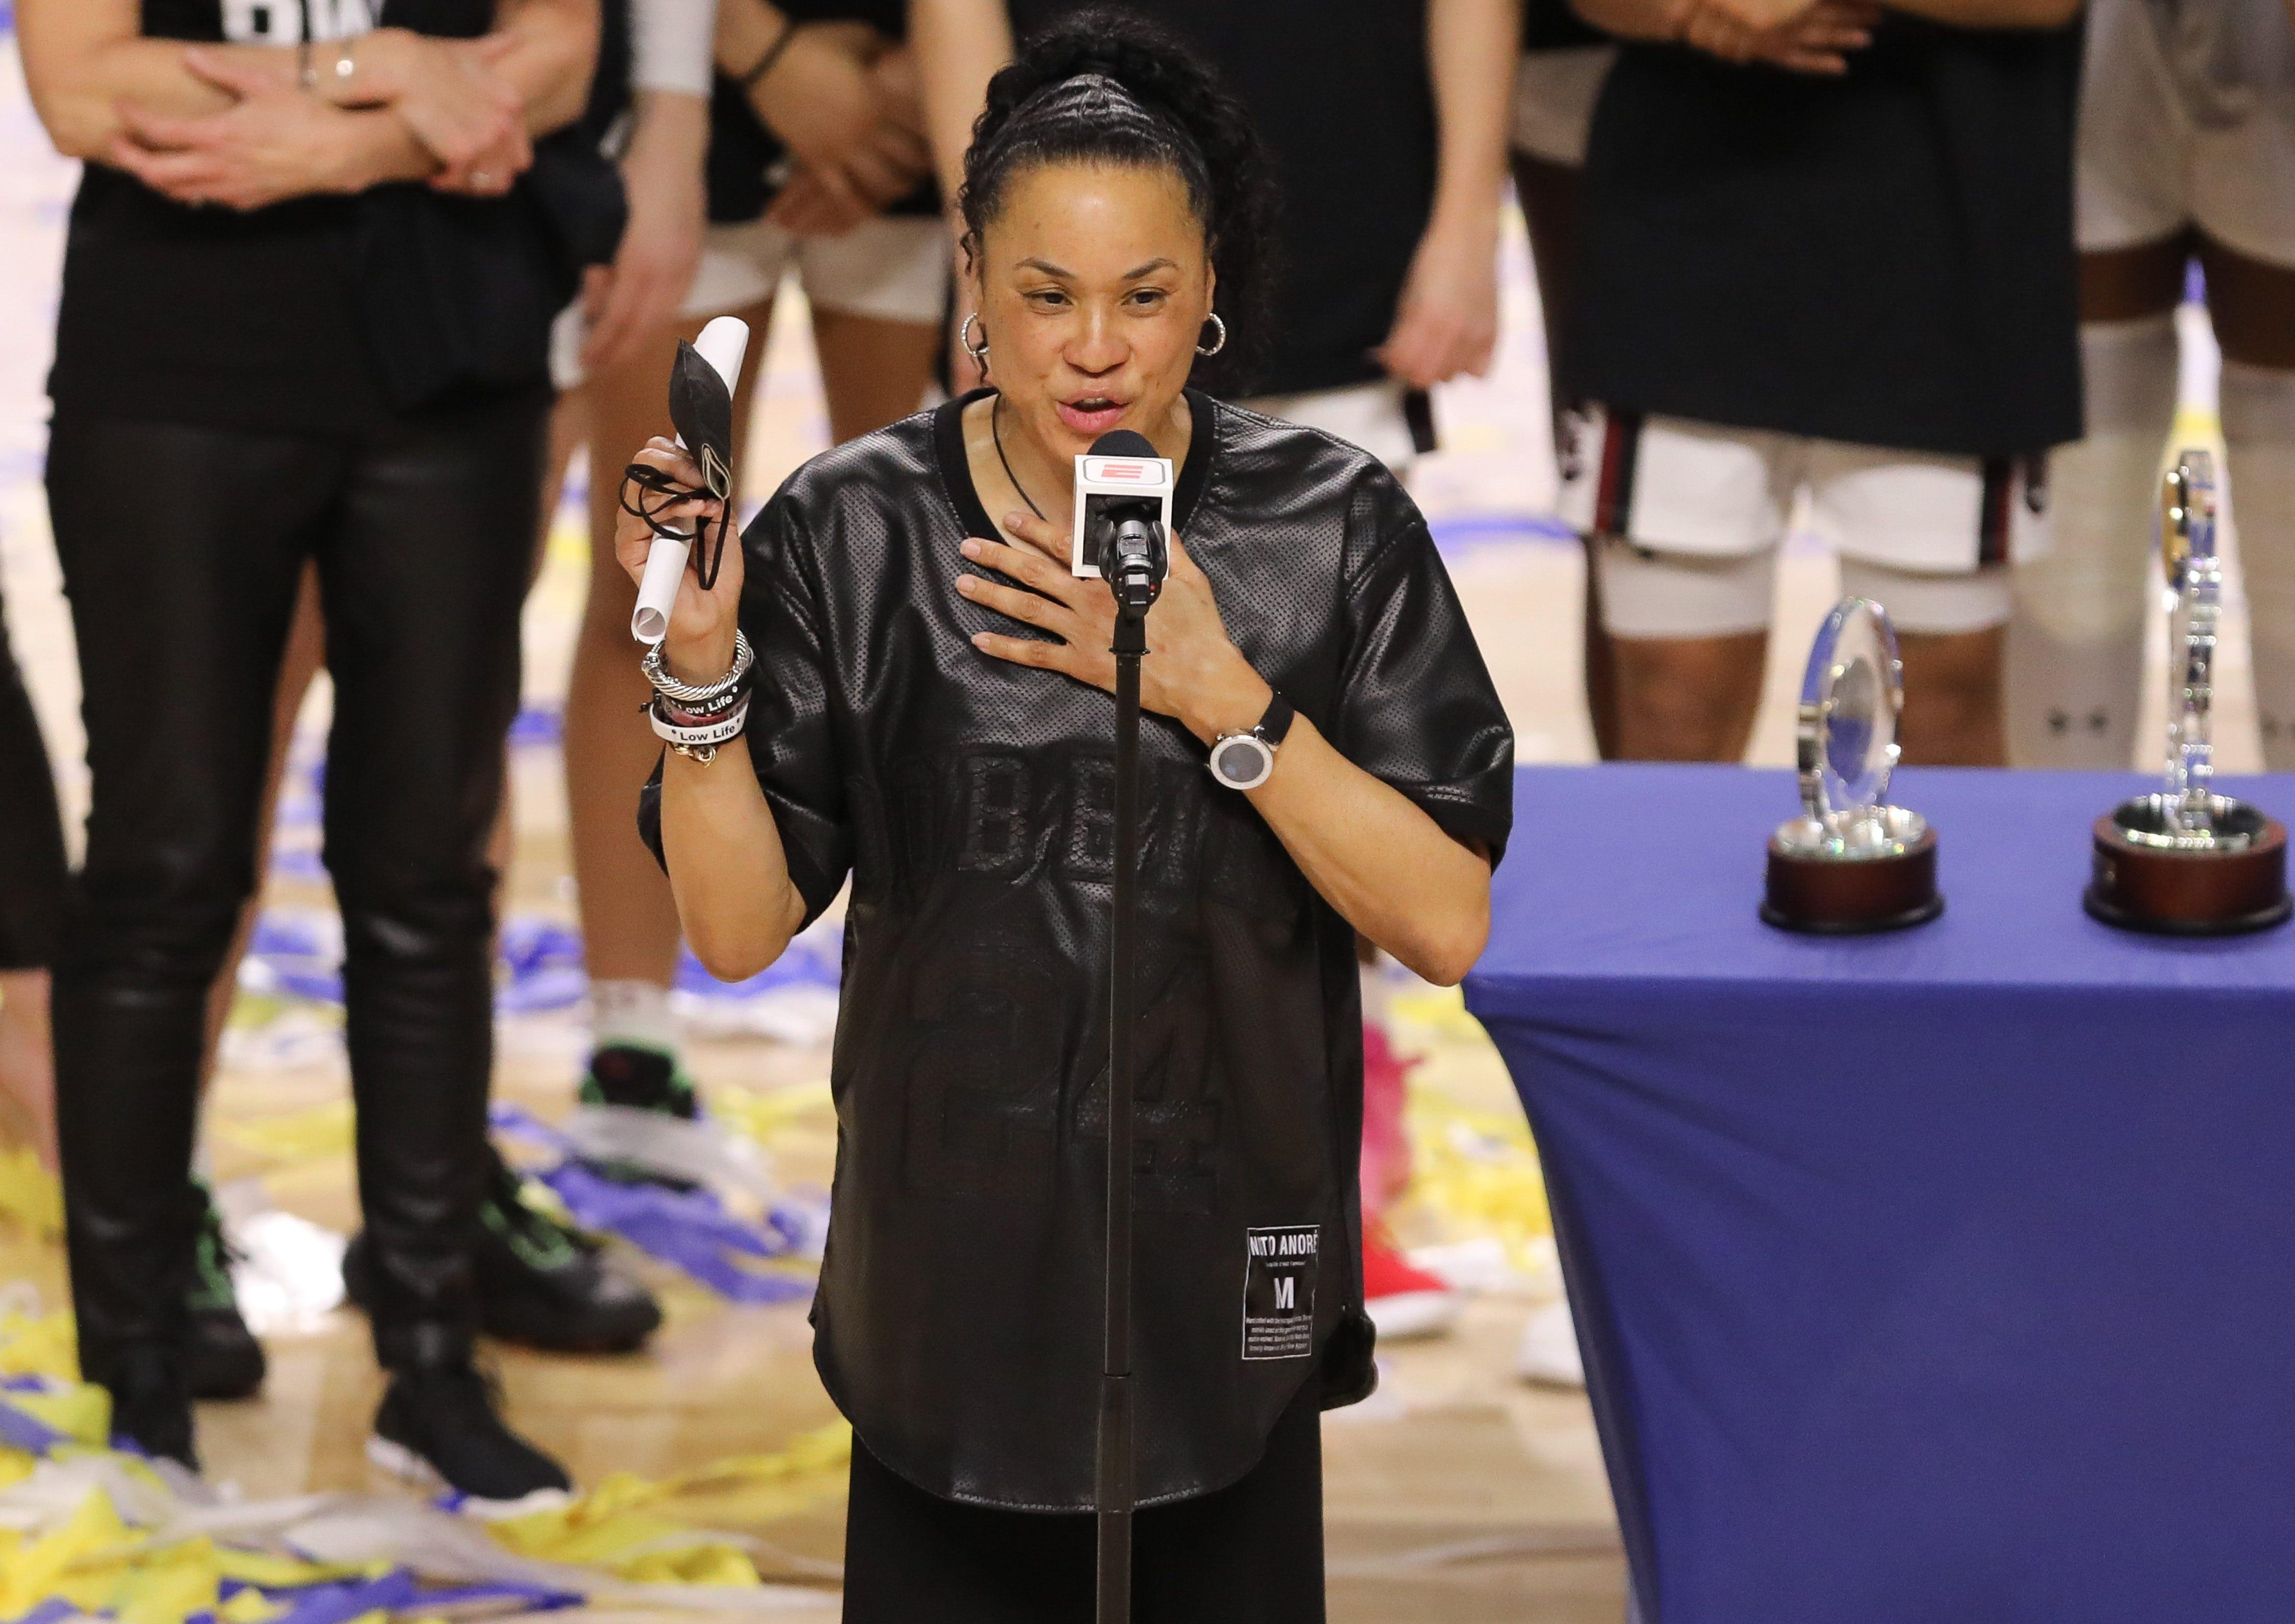 South Carolina women s basketball coach Dawn Staley criticizes NCAA s Mark Emmert over disparities between tournaments